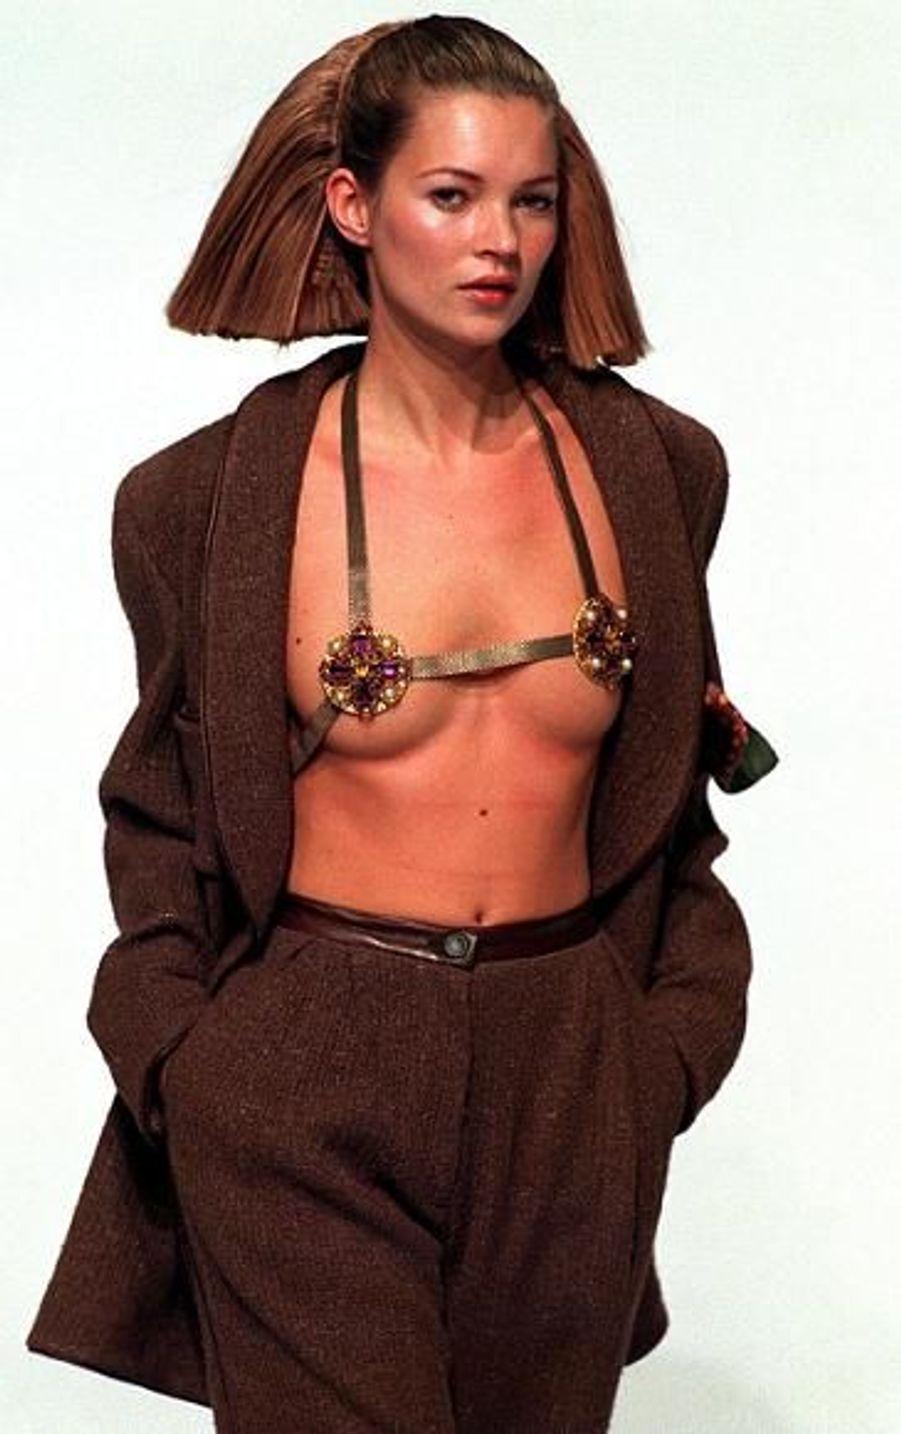 """Son ami photographe Mario Testino le dit: """"Kate n'a pas de problème avec la nudité. Elle ne se sent pas impudique quand elle se déshabille. C'est une des rares tops à être comme cela."""""""